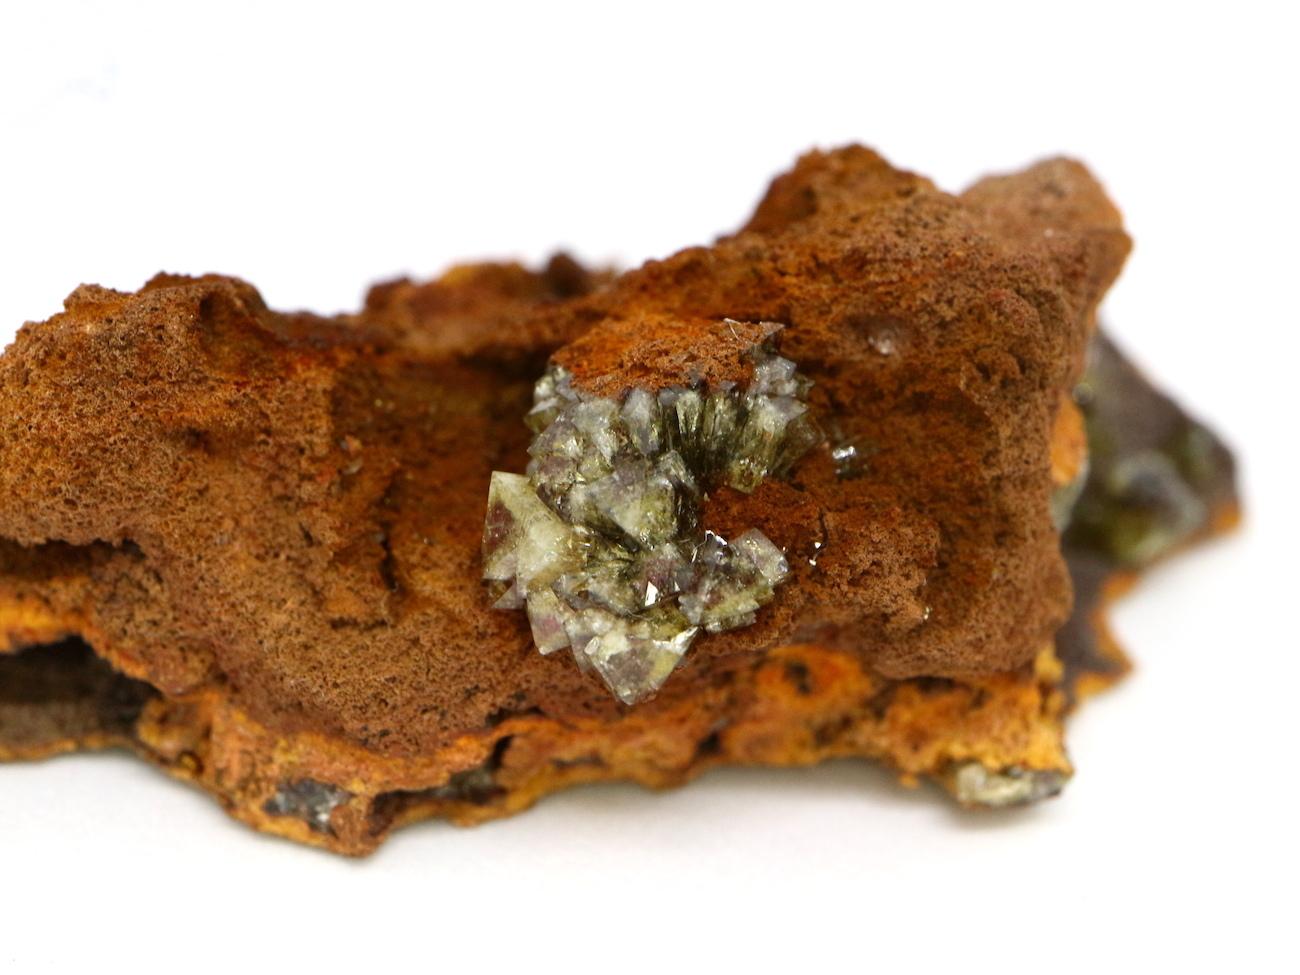 アダマイト アダム石 Adamite  メキシコ産 52,5g SCO002 原石